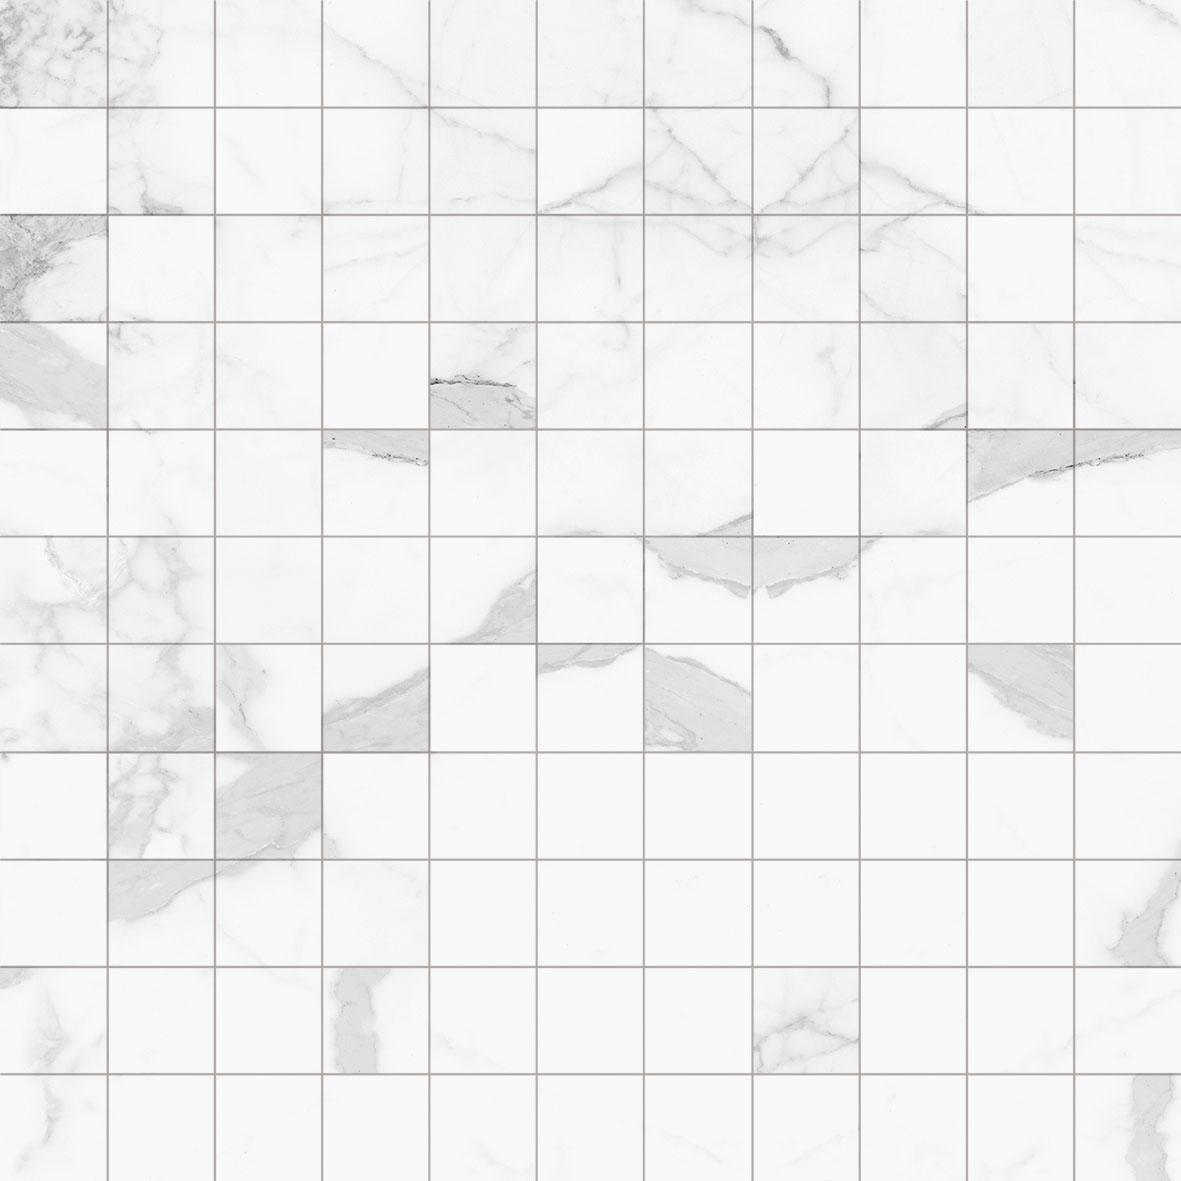 Peronda mozaika na ściane 30x30 biały marmur w połysku do lazienki kuchni salonu